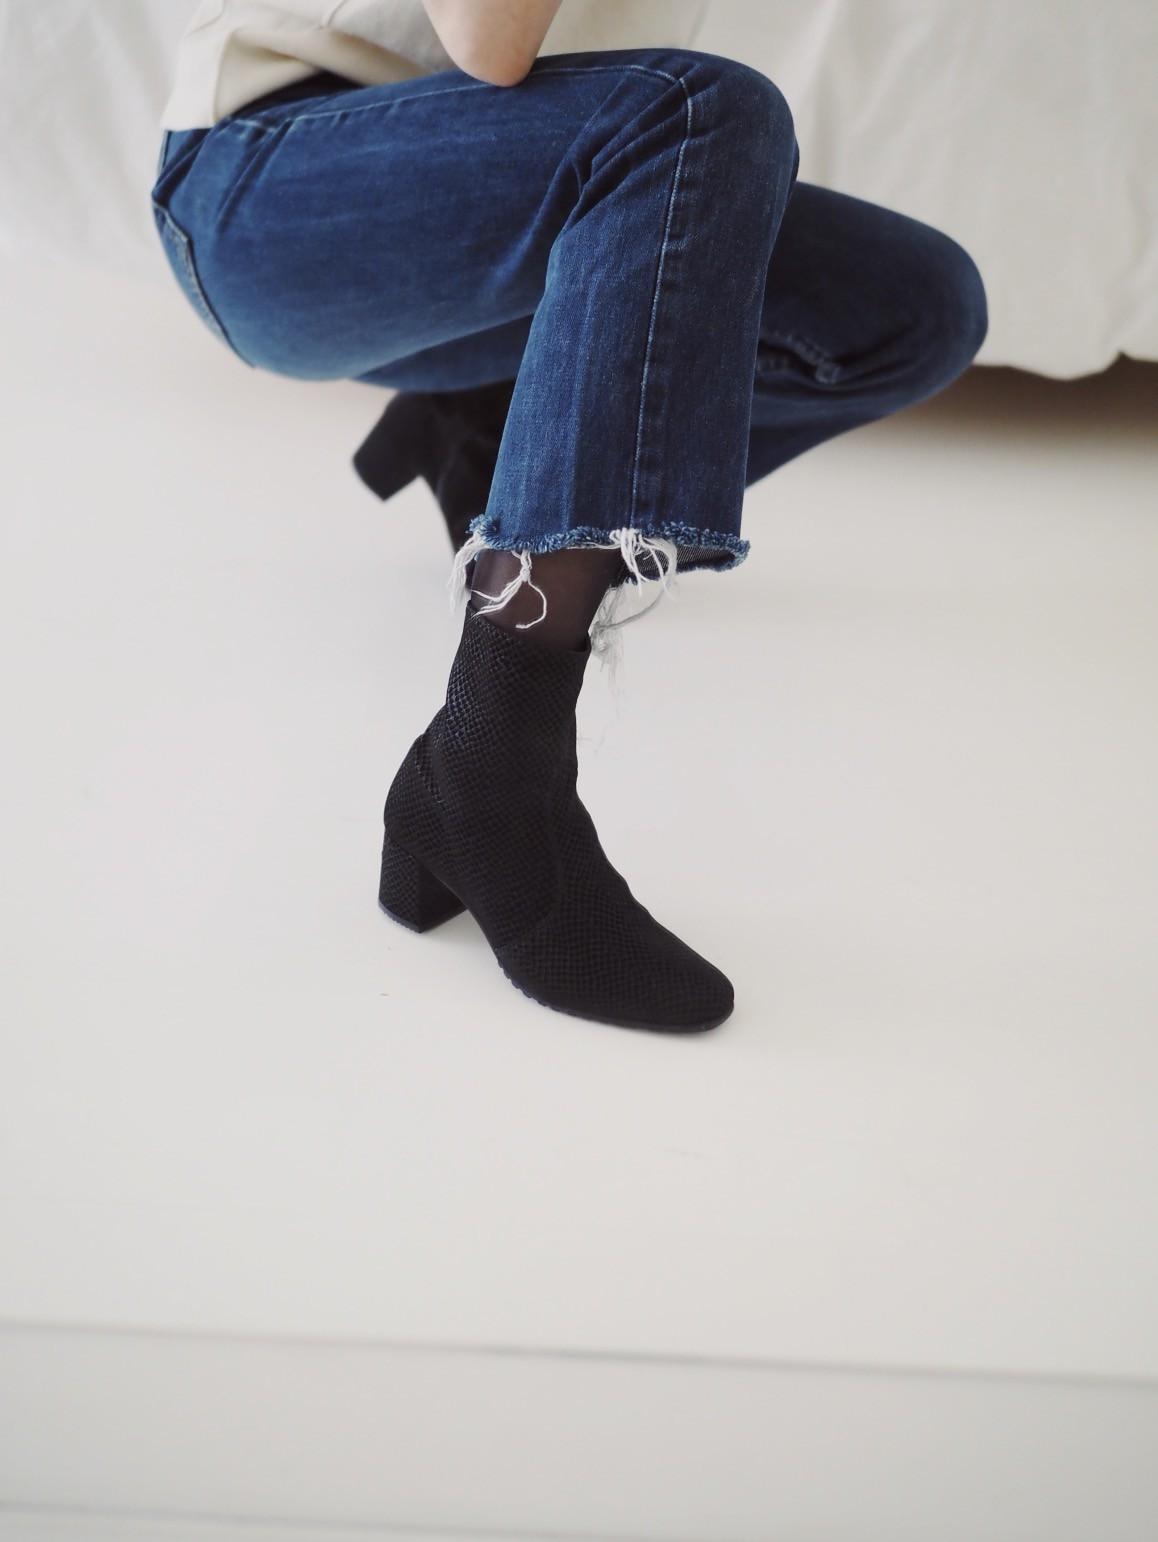 Vastuulliset kengät tehty Euroopassa